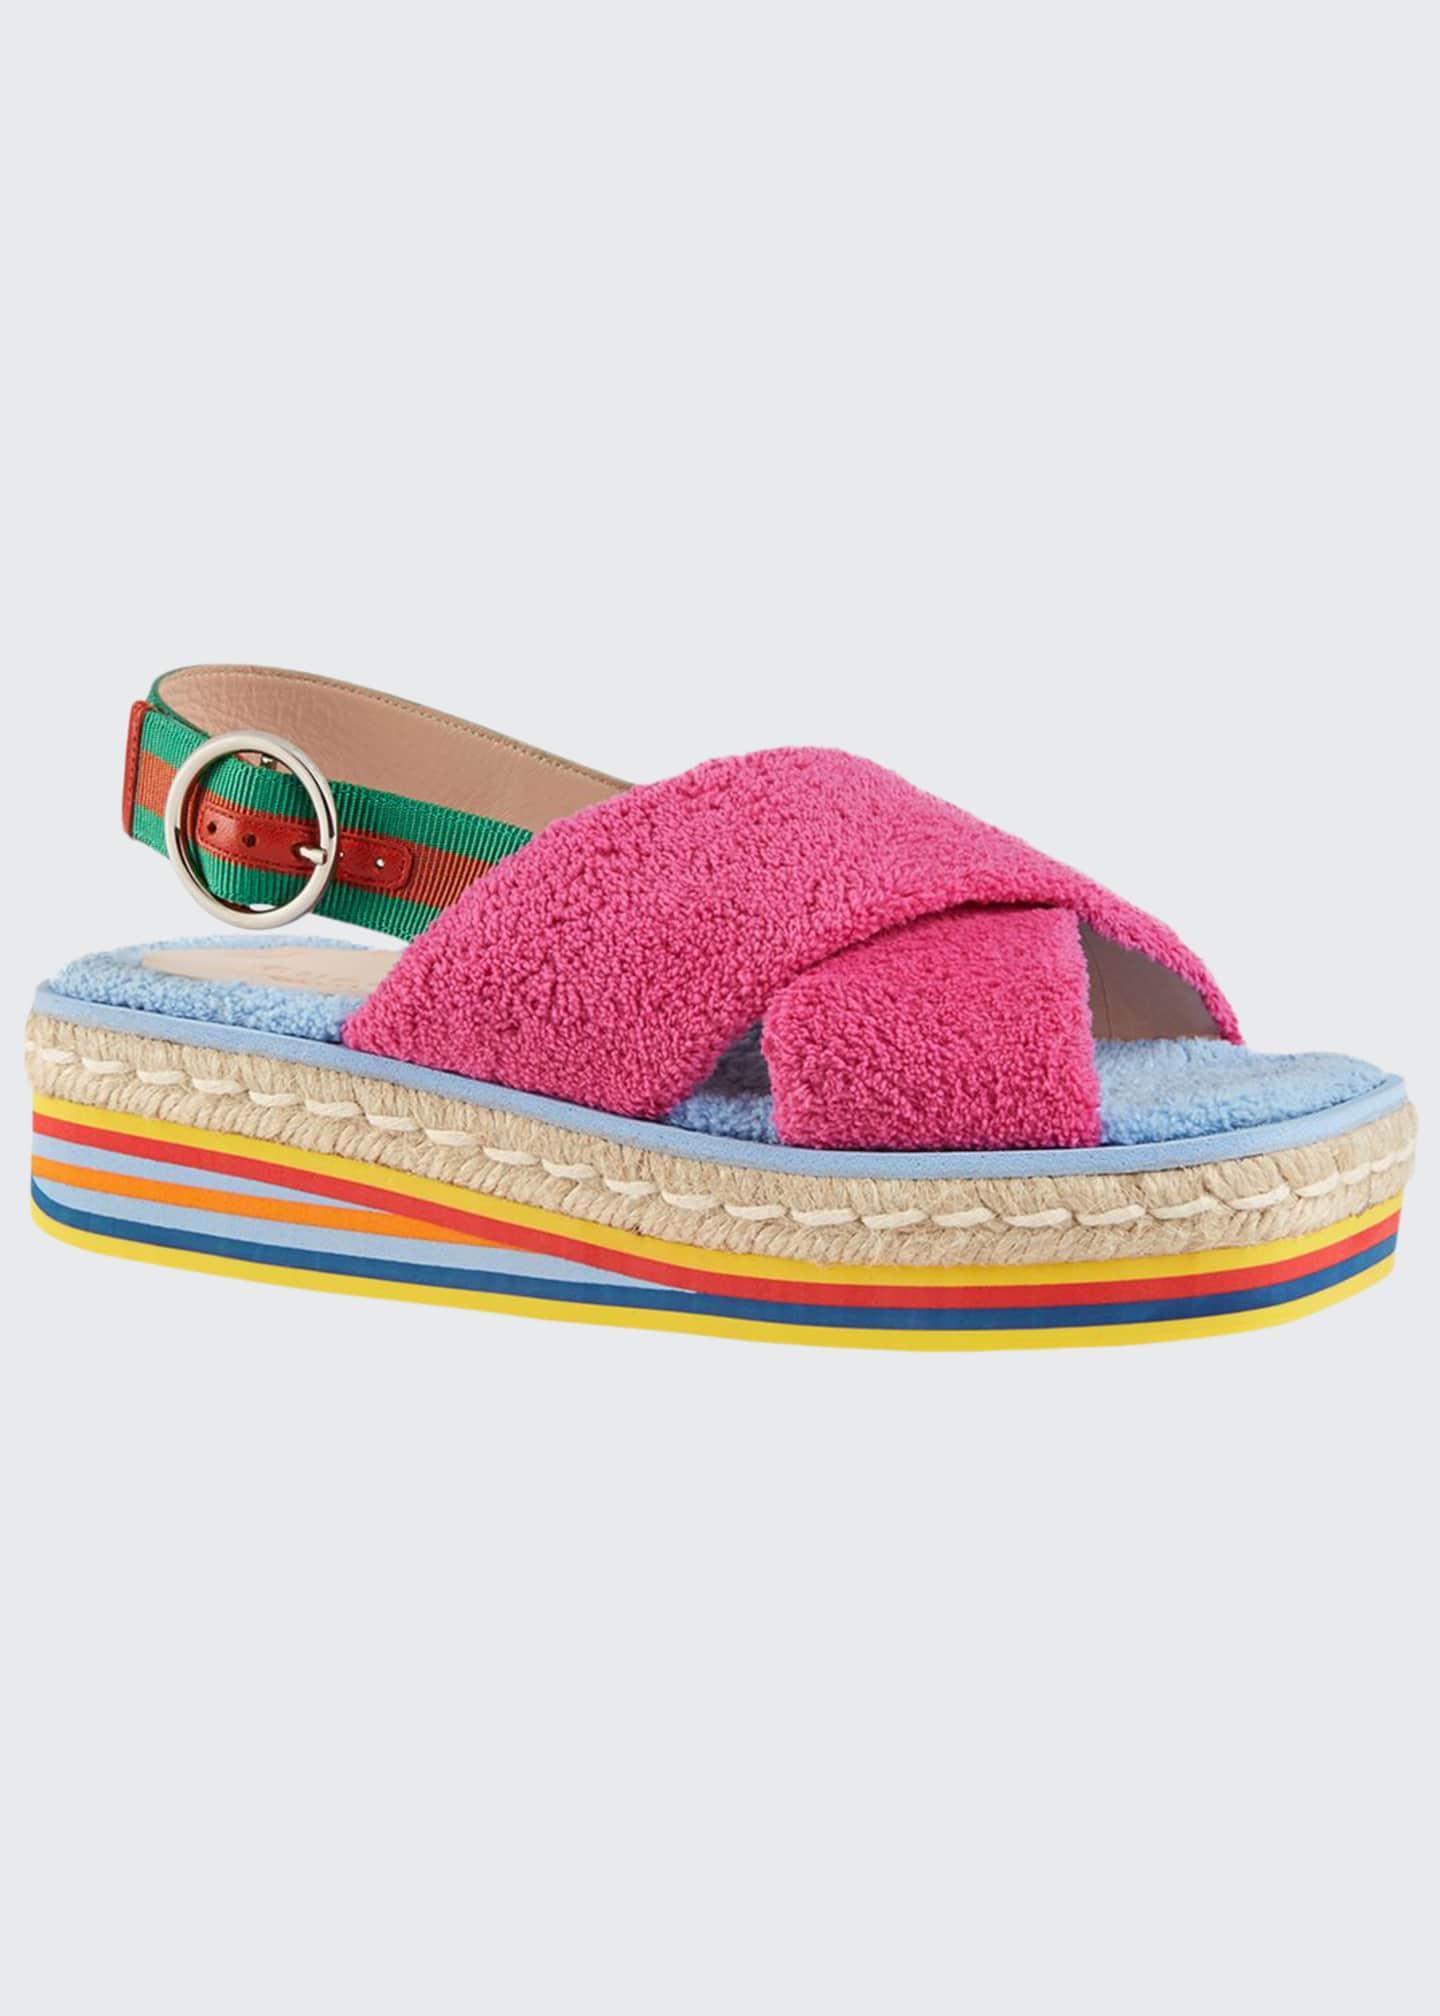 Gucci Huma 50mm Sponge Wedge Sandals